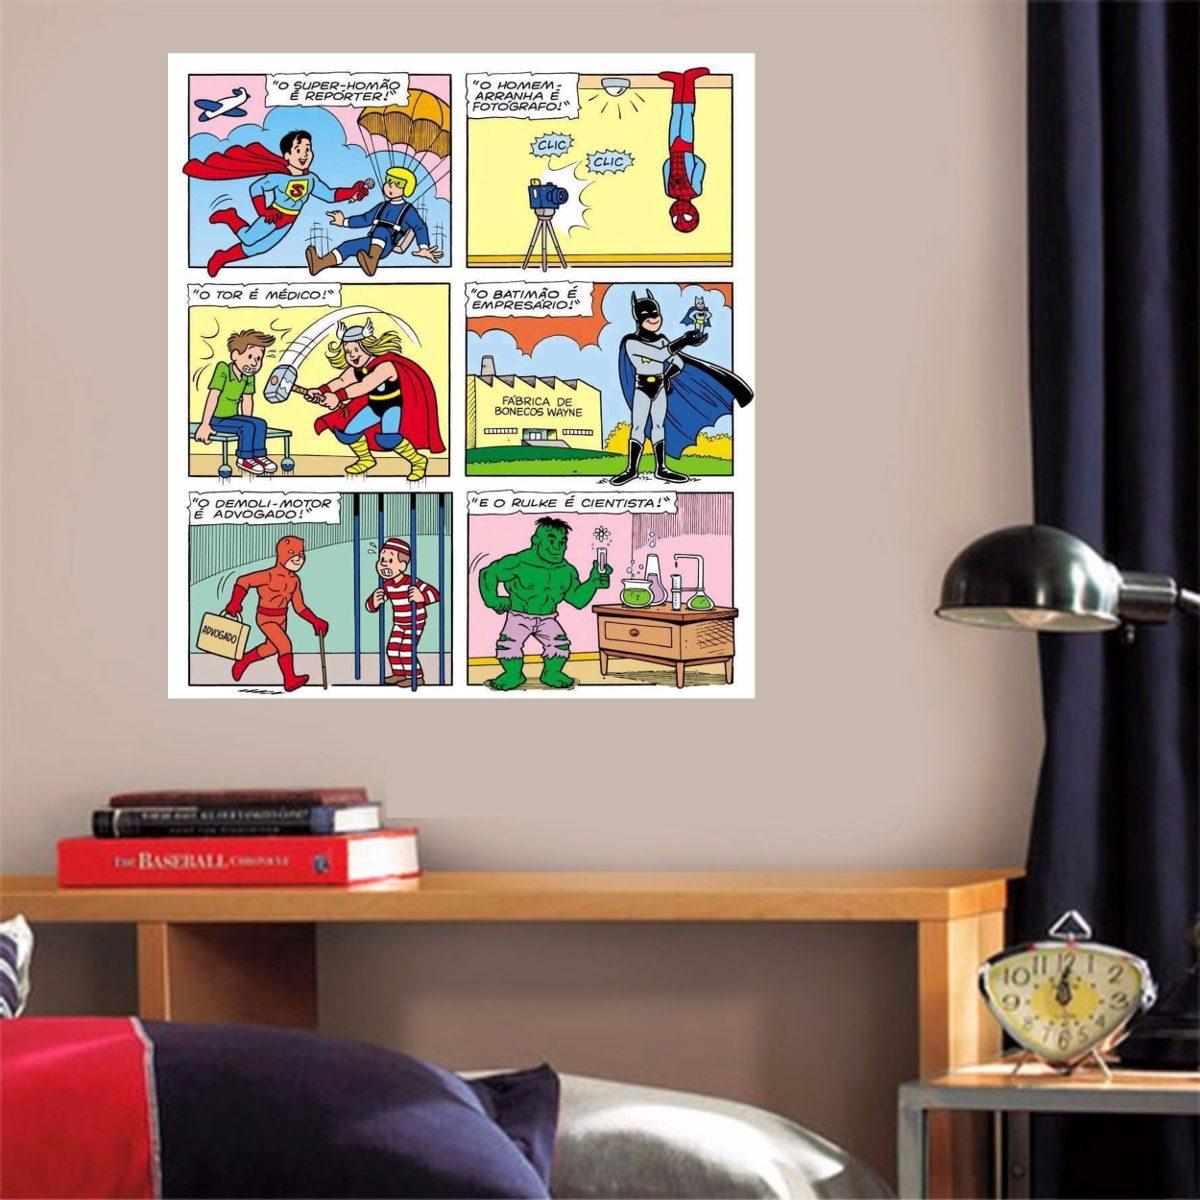 Tecido Para Parede Historia Em Quadrinhos No Mercado Livre Brasil ~ Tecidos Para Parede De Quarto E Quarto Bebe Super Herois